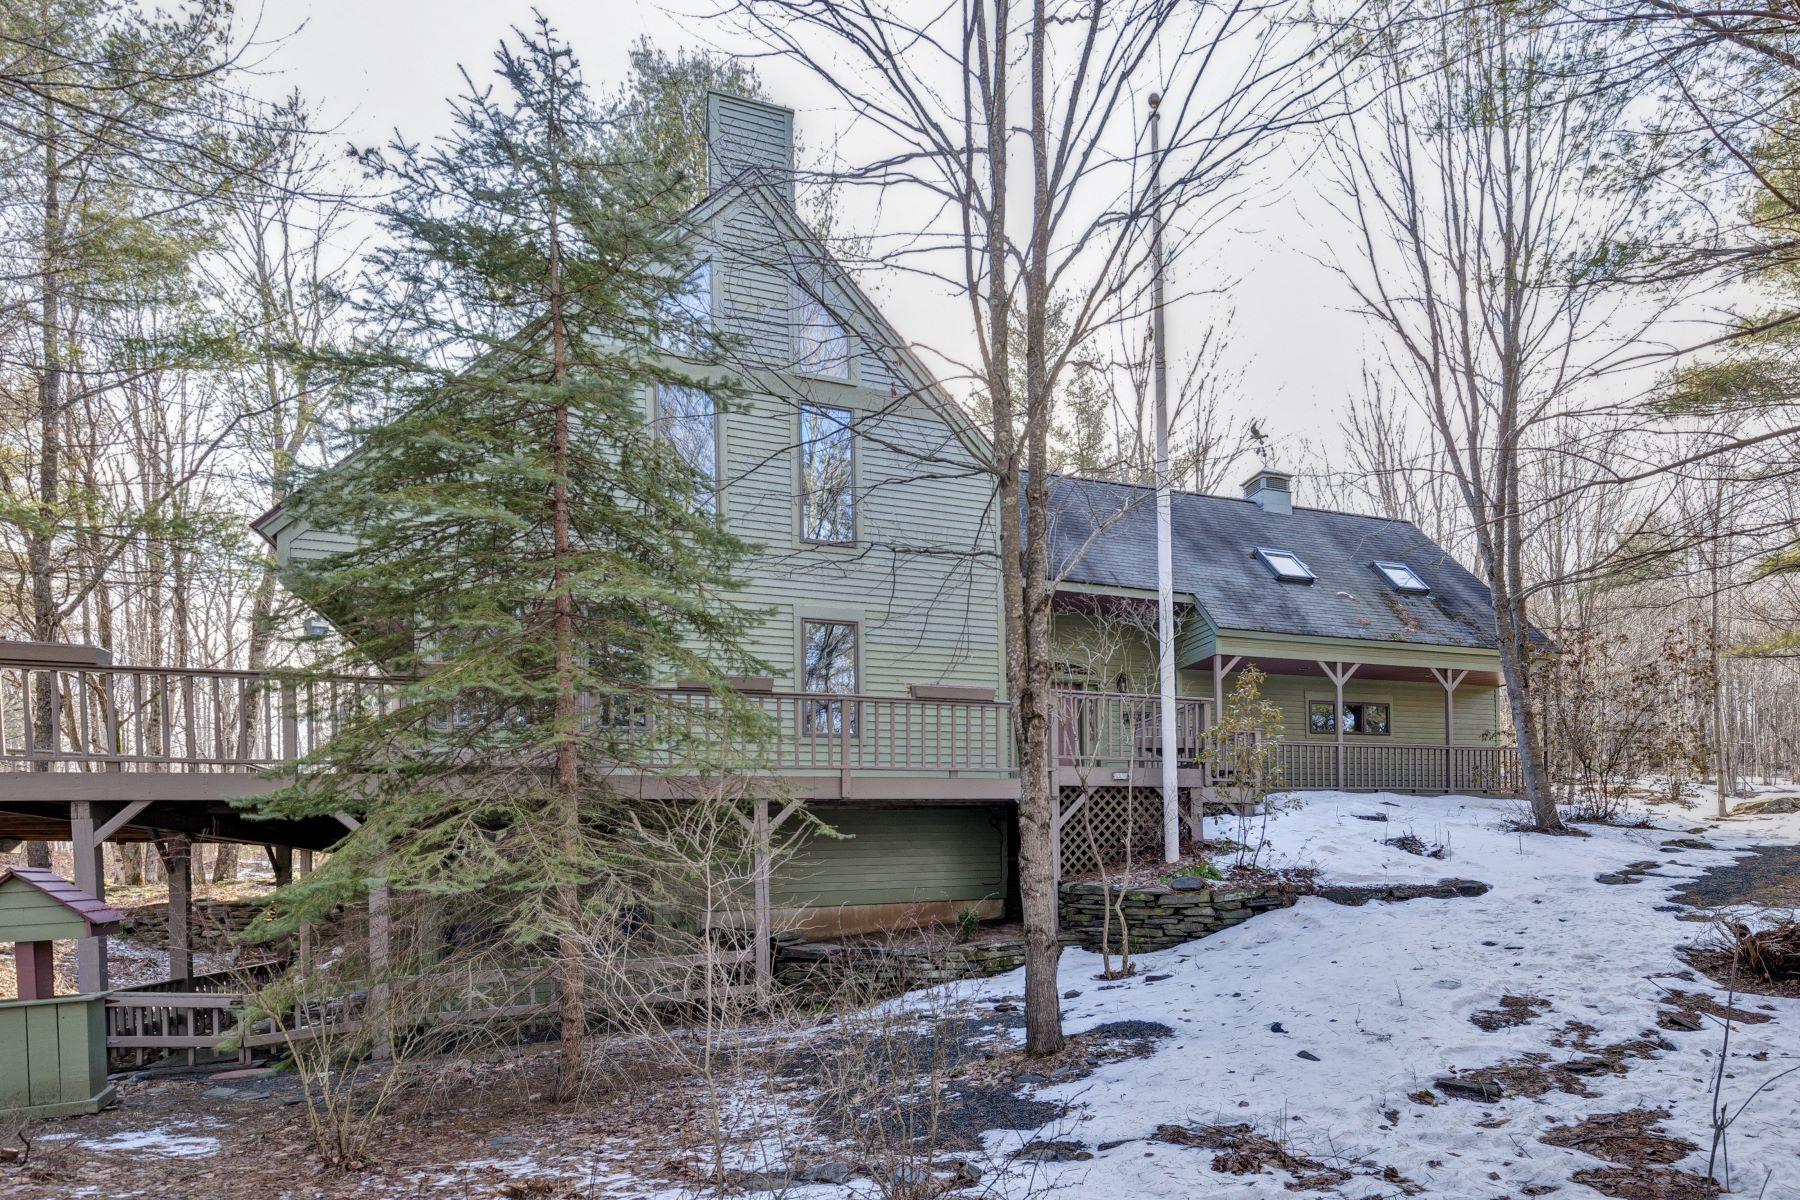 Частный односемейный дом для того Продажа на 74 Redfield Proctor, Hartford Hartford, Вермонт, 05059 Соединенные Штаты